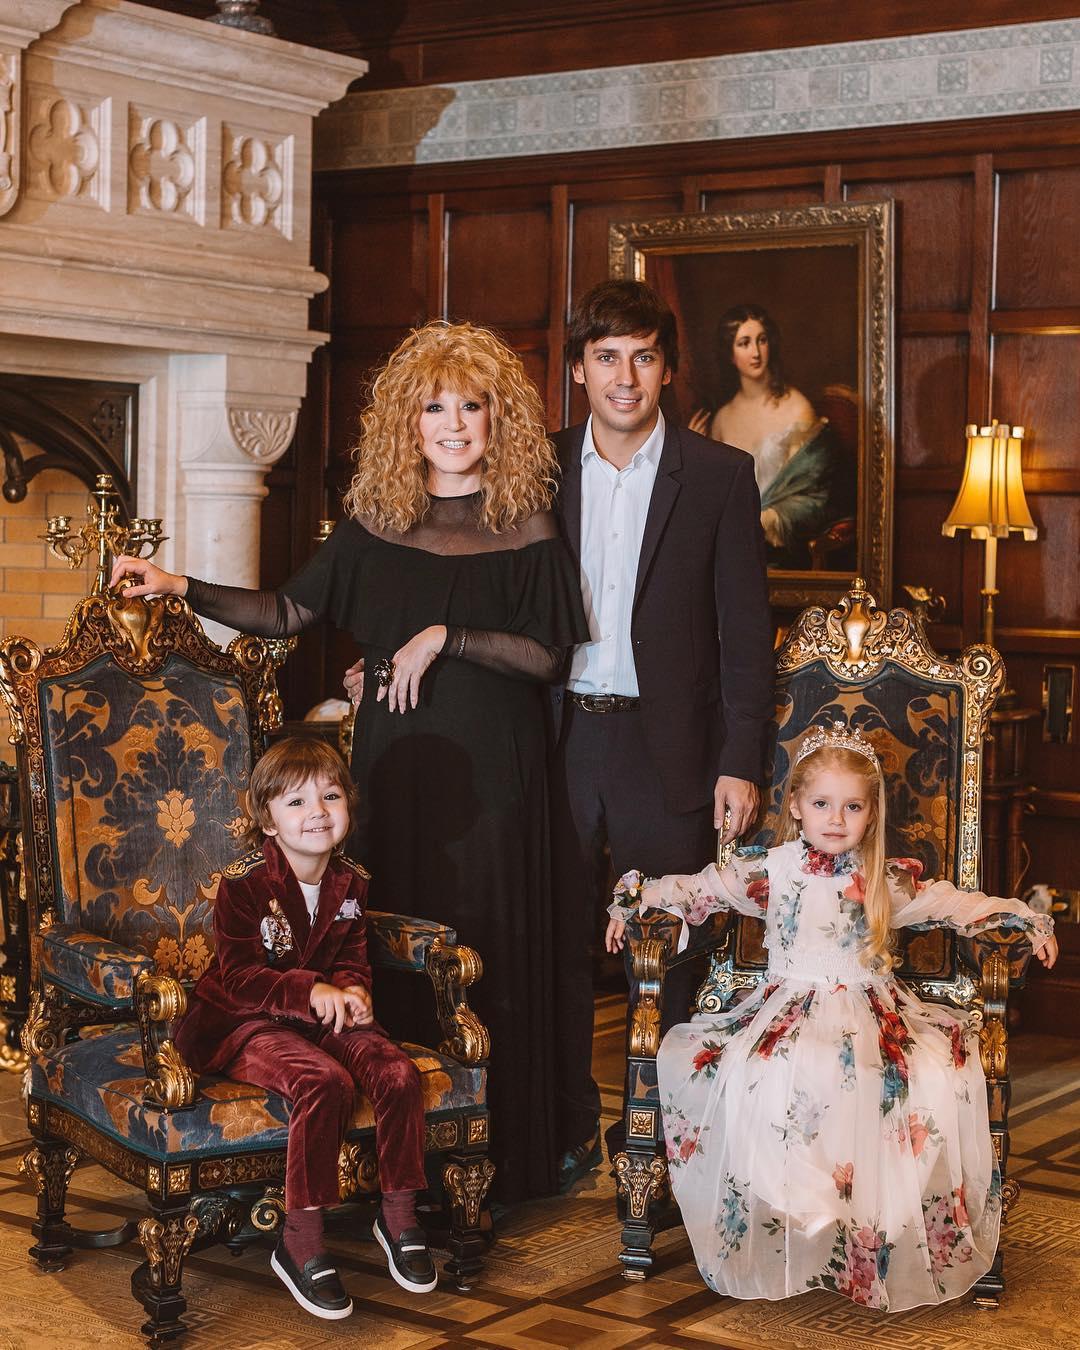 Дети Пугачёвой и Галкина последние фото 2017 фото - DIWIS 14